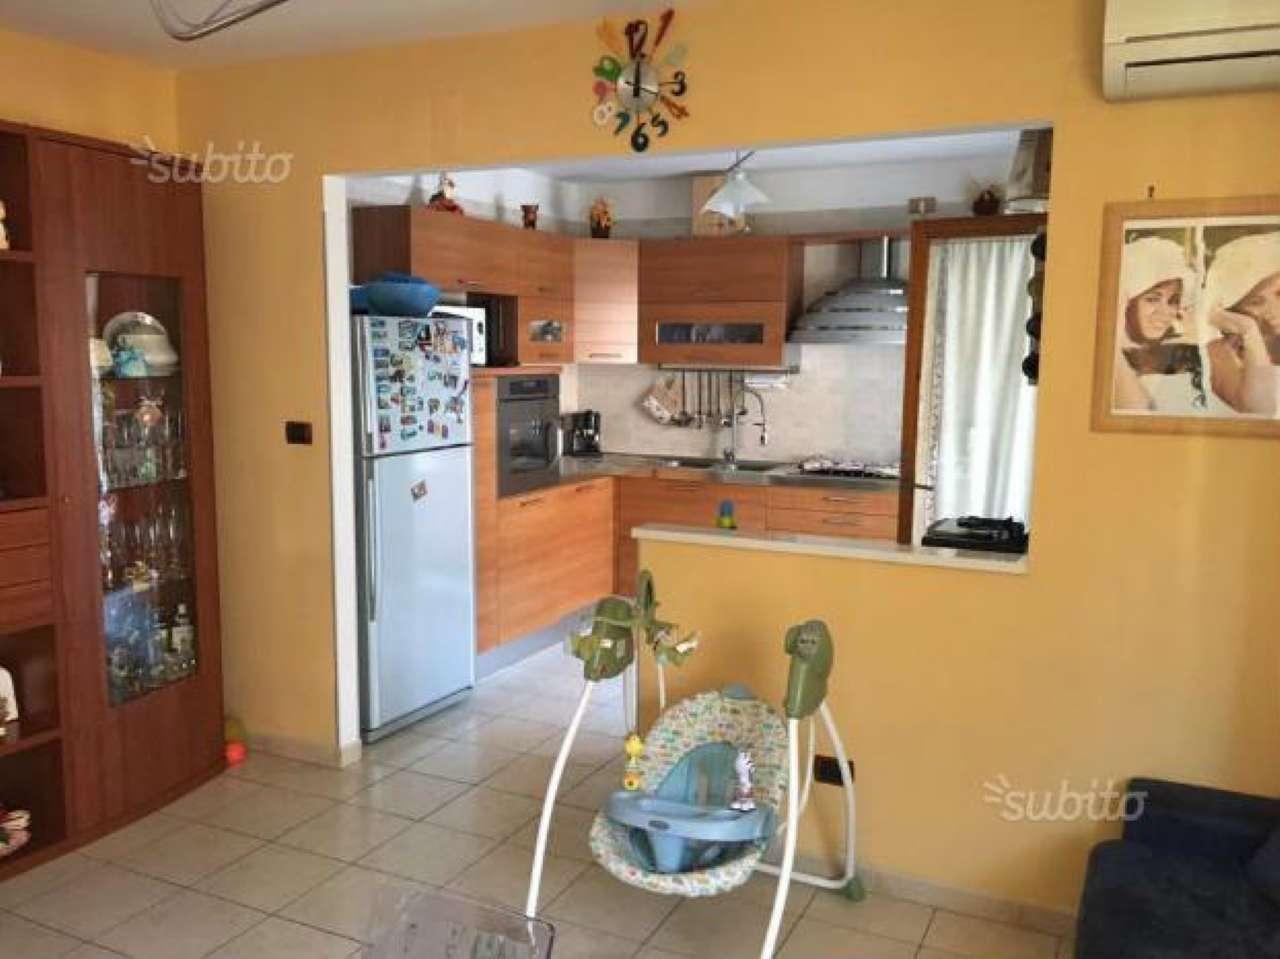 Appartamento in vendita a Giugliano in Campania, 4 locali, prezzo € 98.000 | Cambio Casa.it